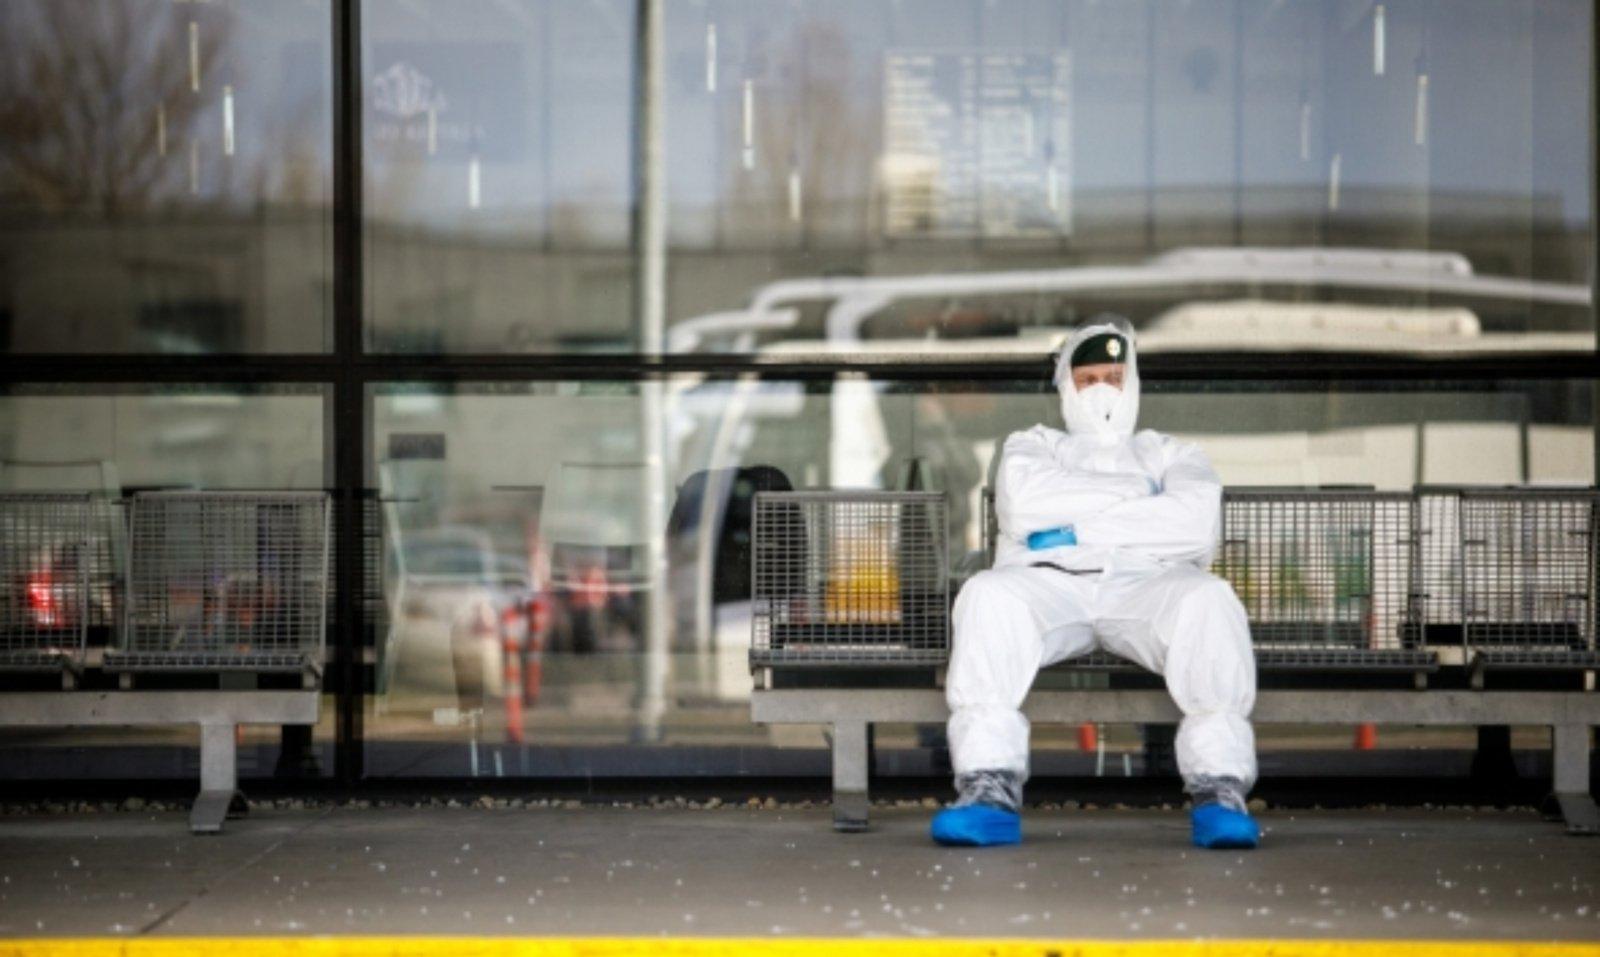 Keleivių vežėjai: ar privalomas testavimas paskatins darbuotojus skiepytis?